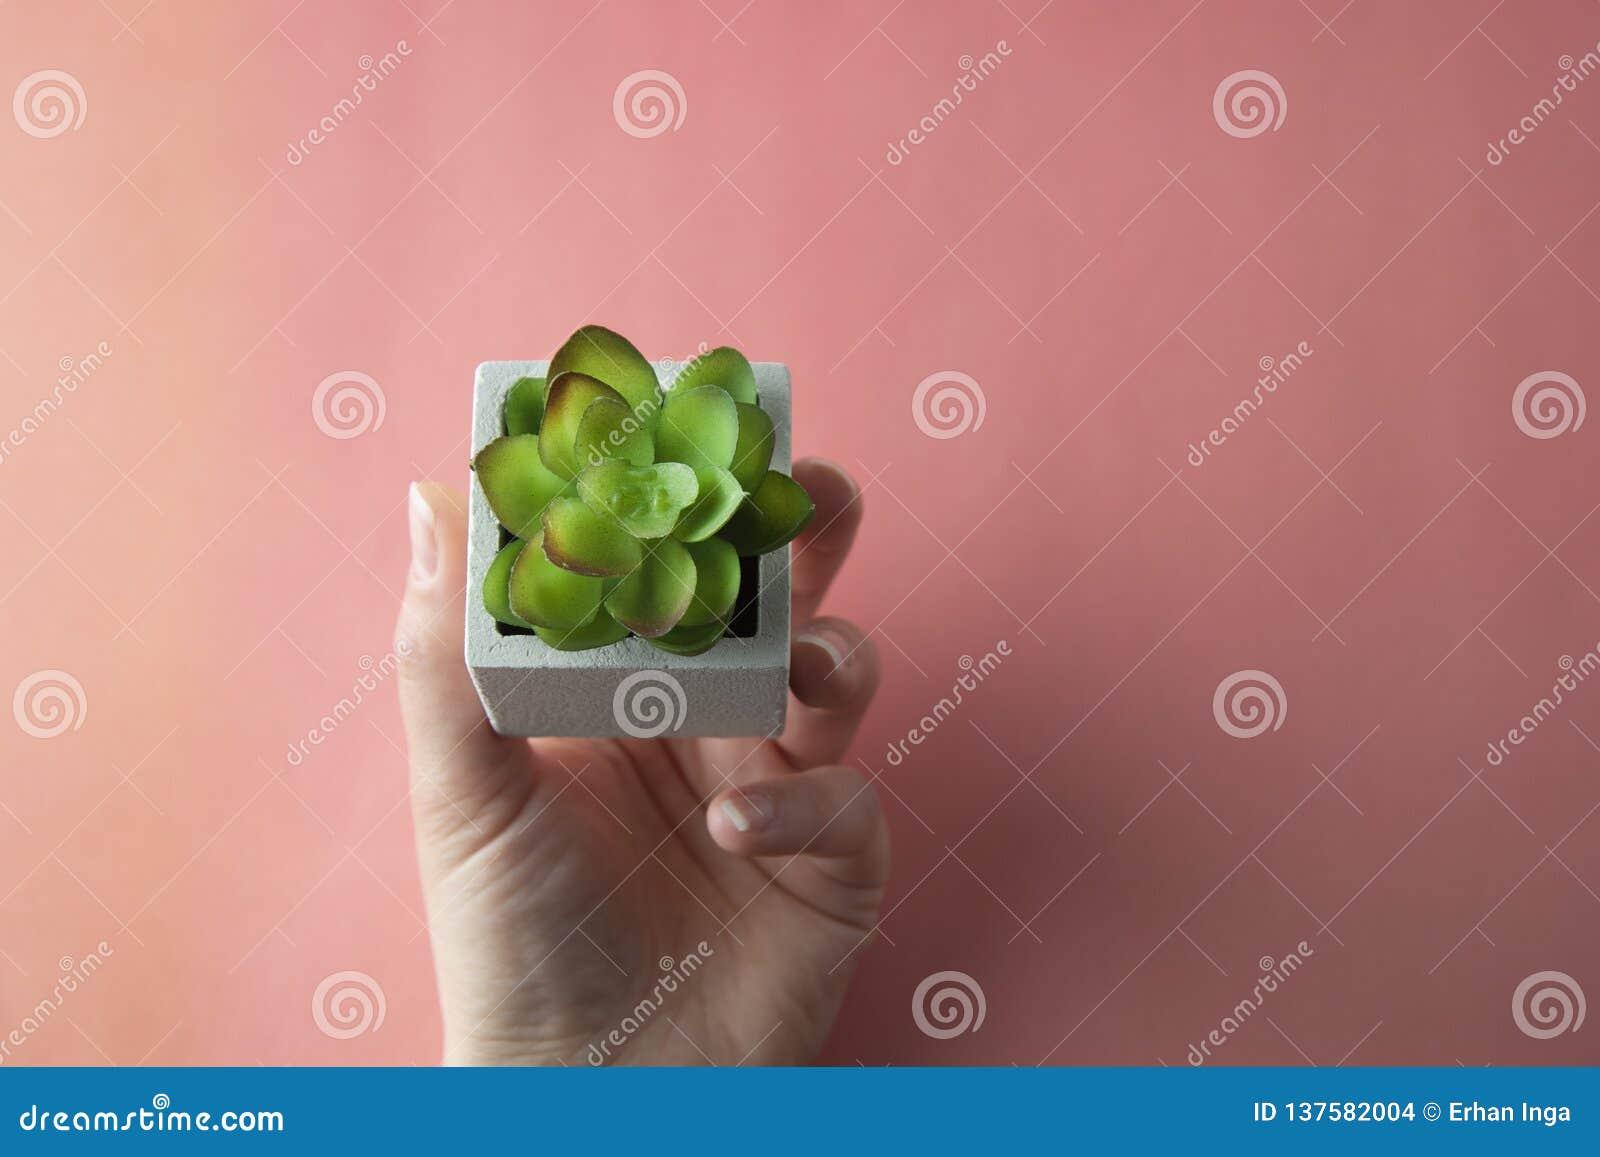 Den handen som rymmer suckulenter, planterar flatlay bästa sikt varmt rosa, korallbakgrund Arbeta i trädgården och inomhus palnts